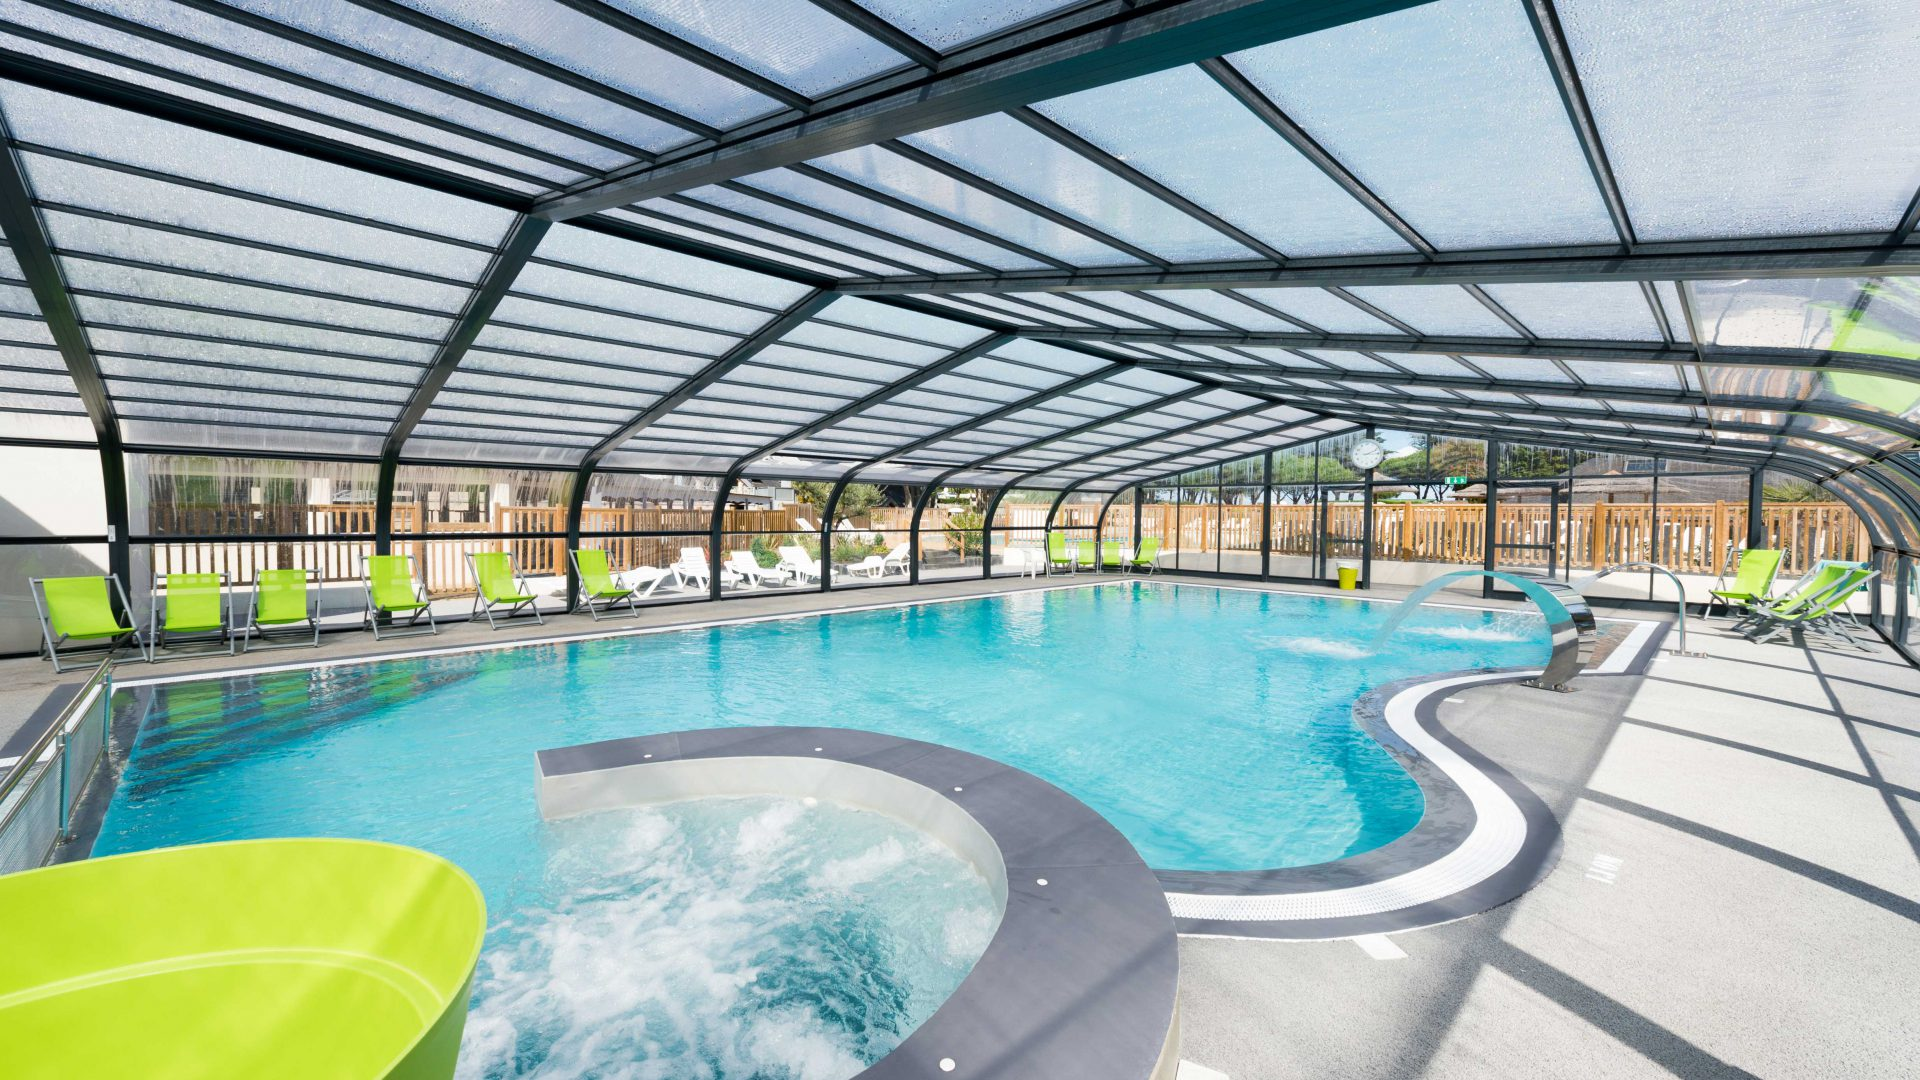 Constructeur de piscines collectives en vend e pool and co for Constructeur piscine 17